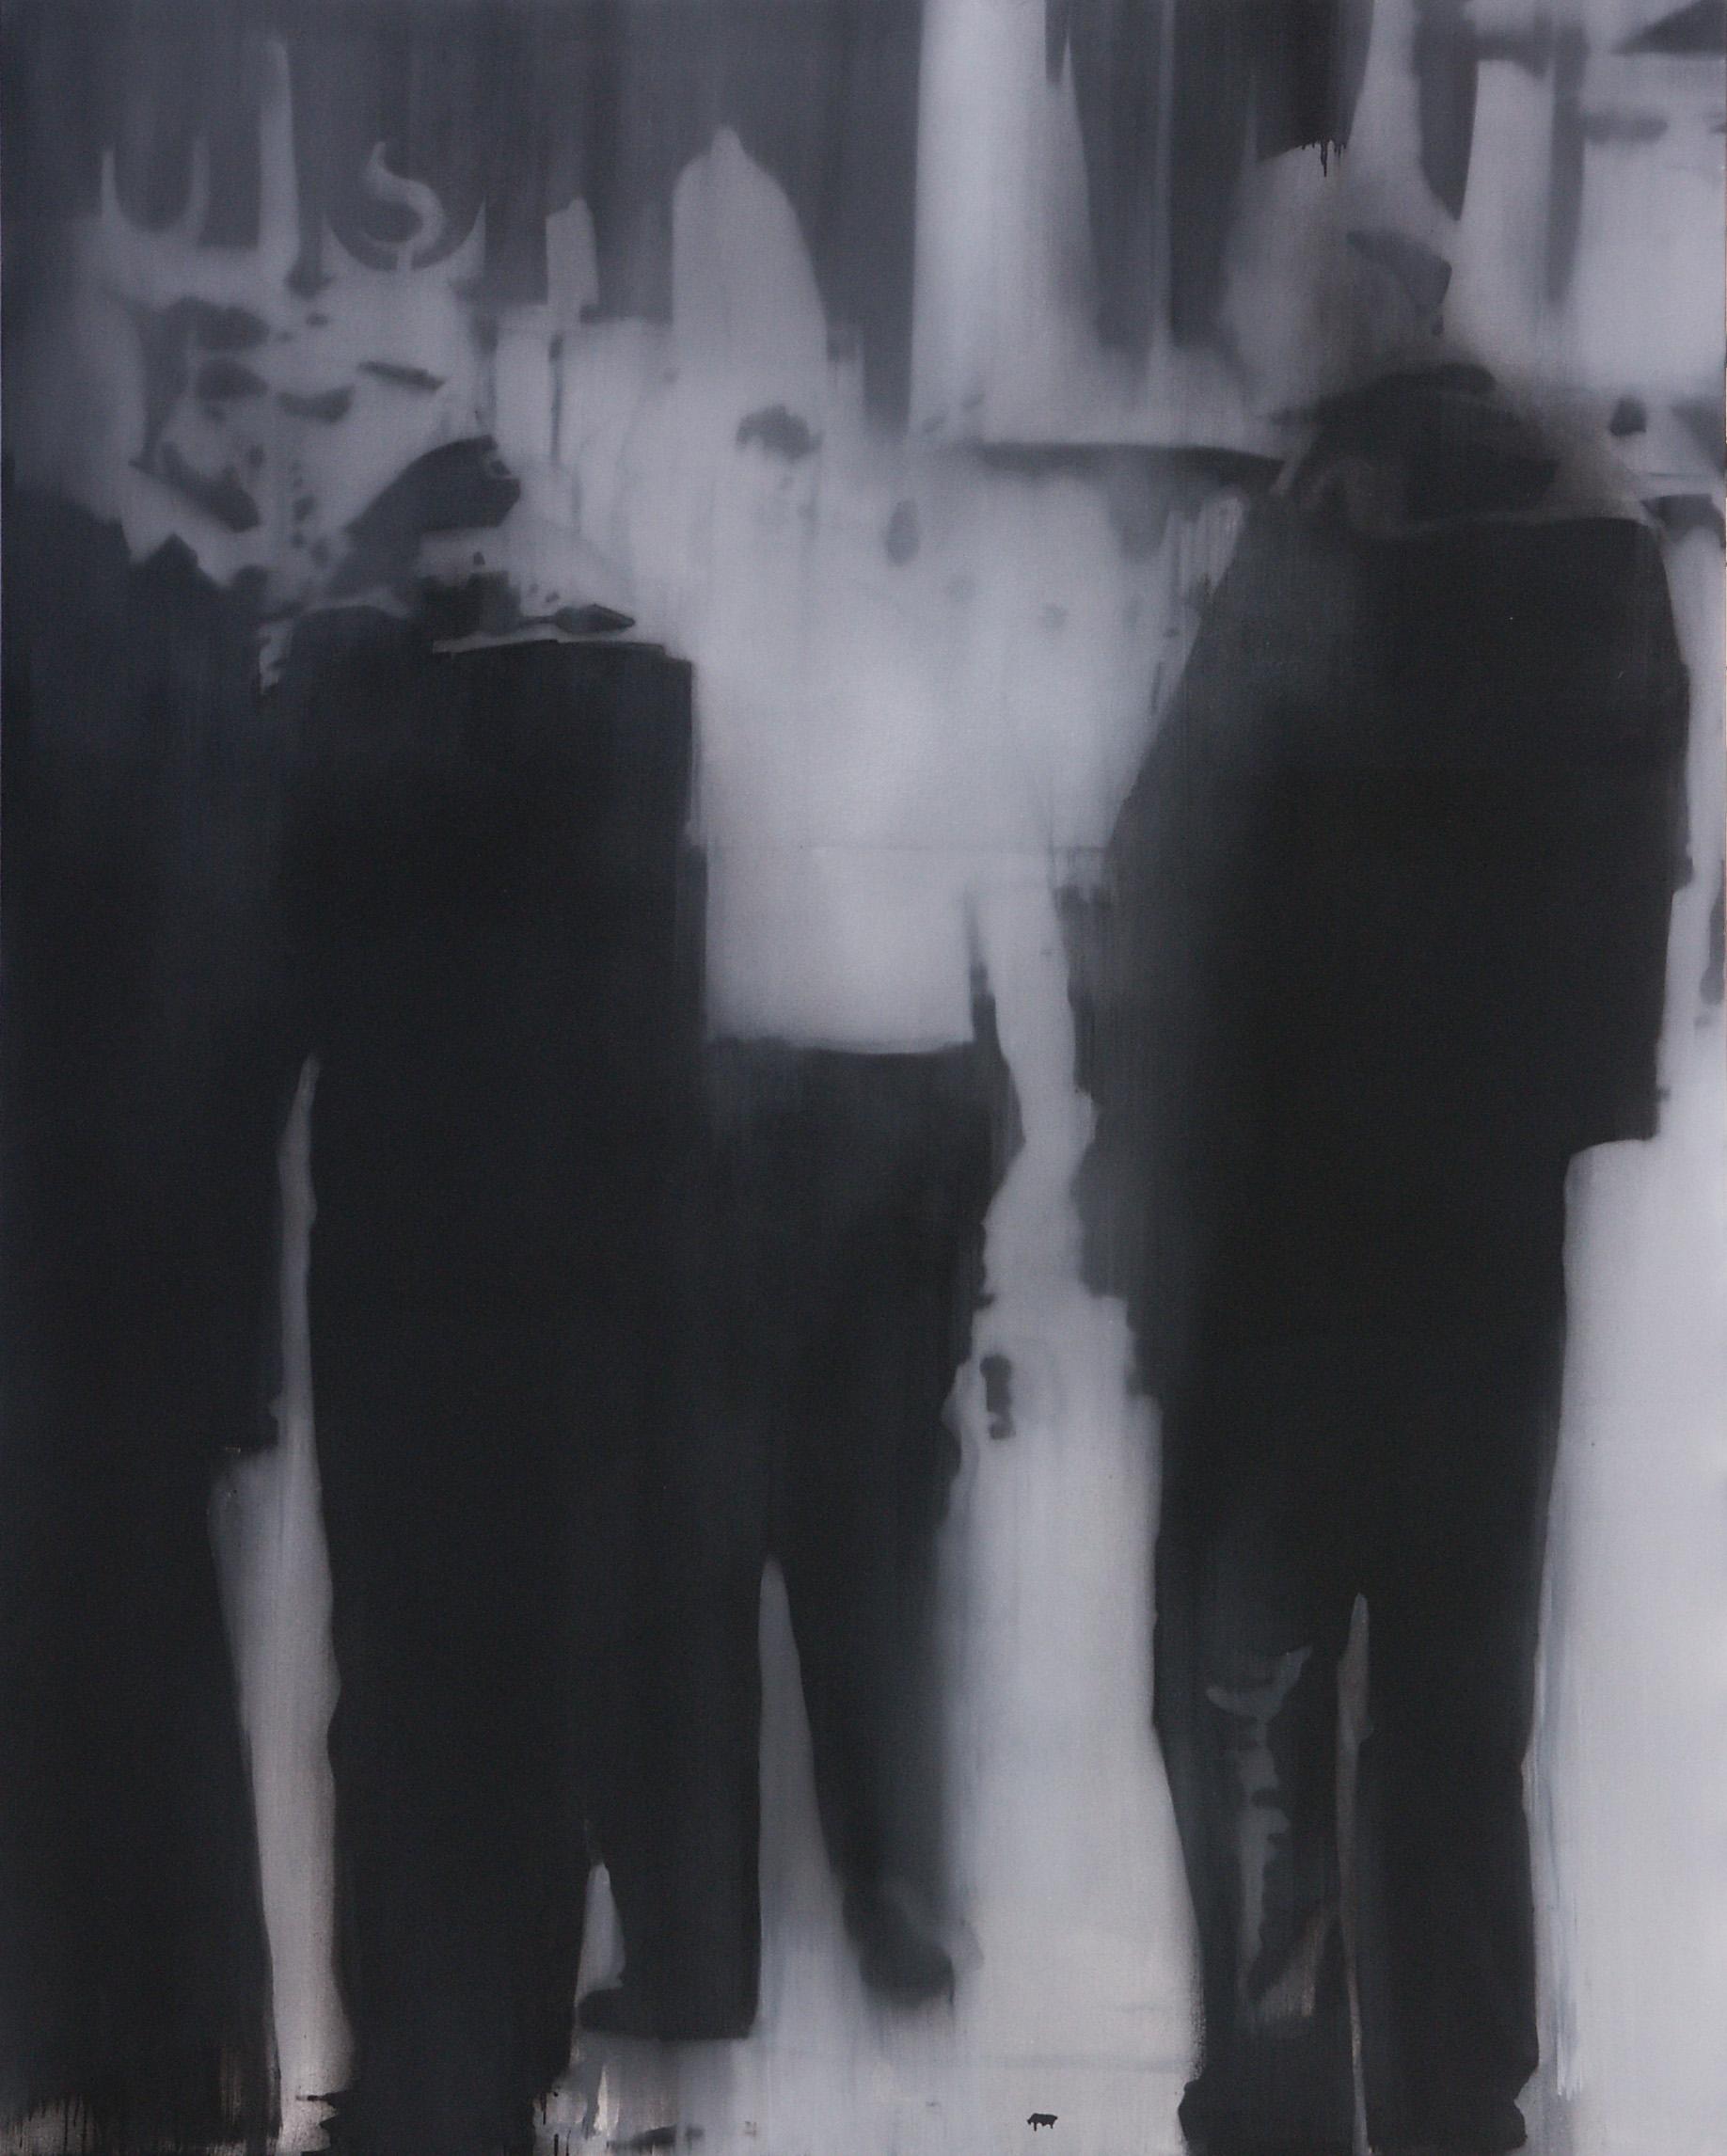 Kopie von 0625001 2006 Öl-Leinwand 250 x 200 cm